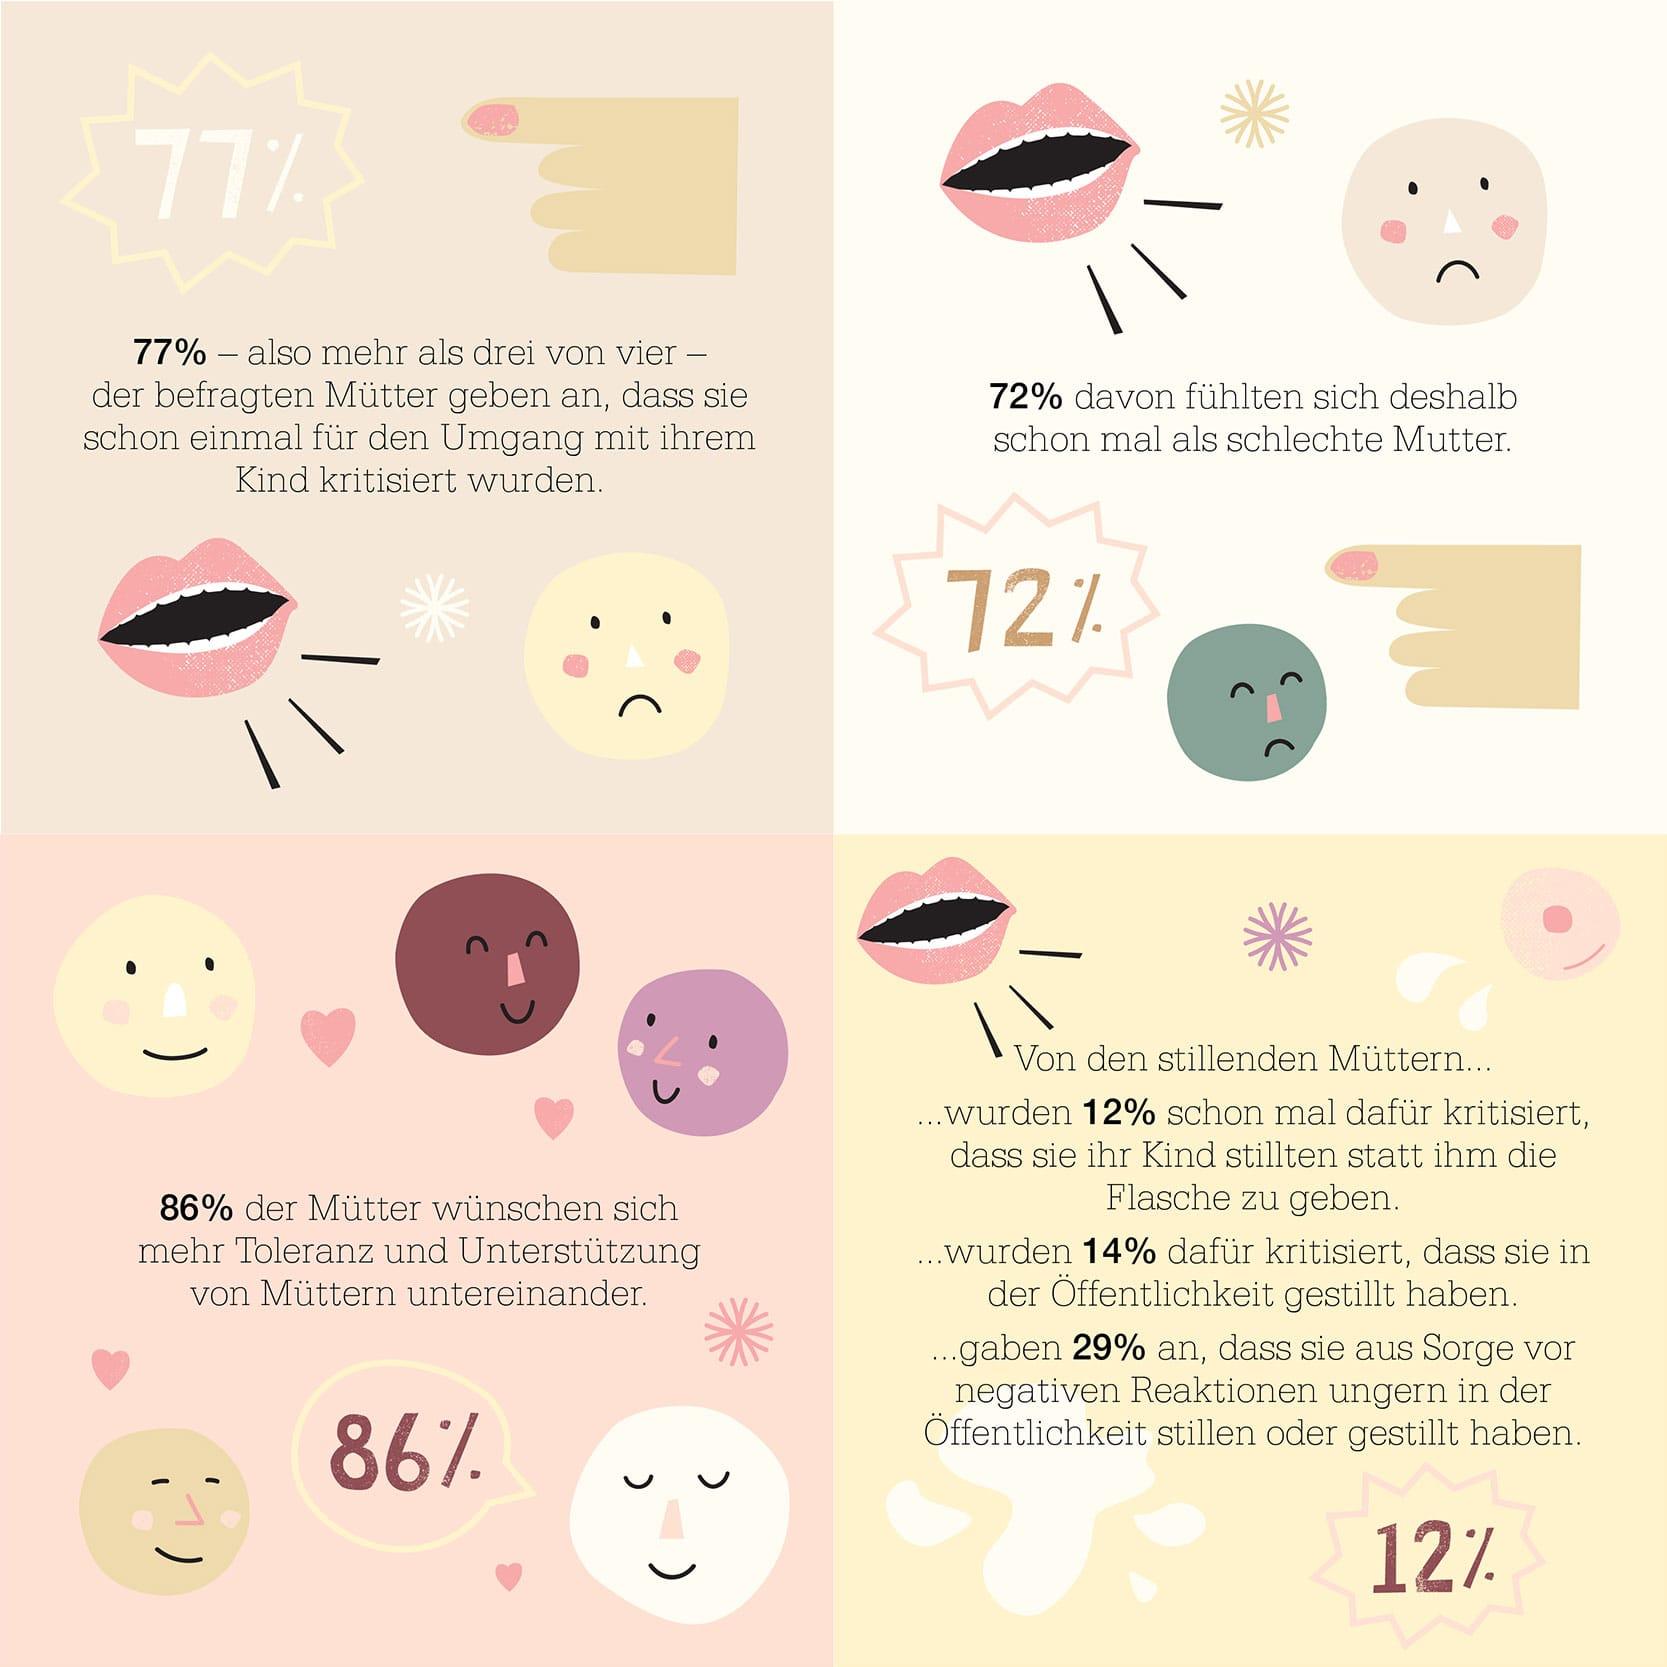 #coolmomsdontjudge | Schluss mit dem Mom-Shaming | Für mehr Toleranz und Respekt im Club der Mütter | forsa Umfrage von Löwenzahn Organics